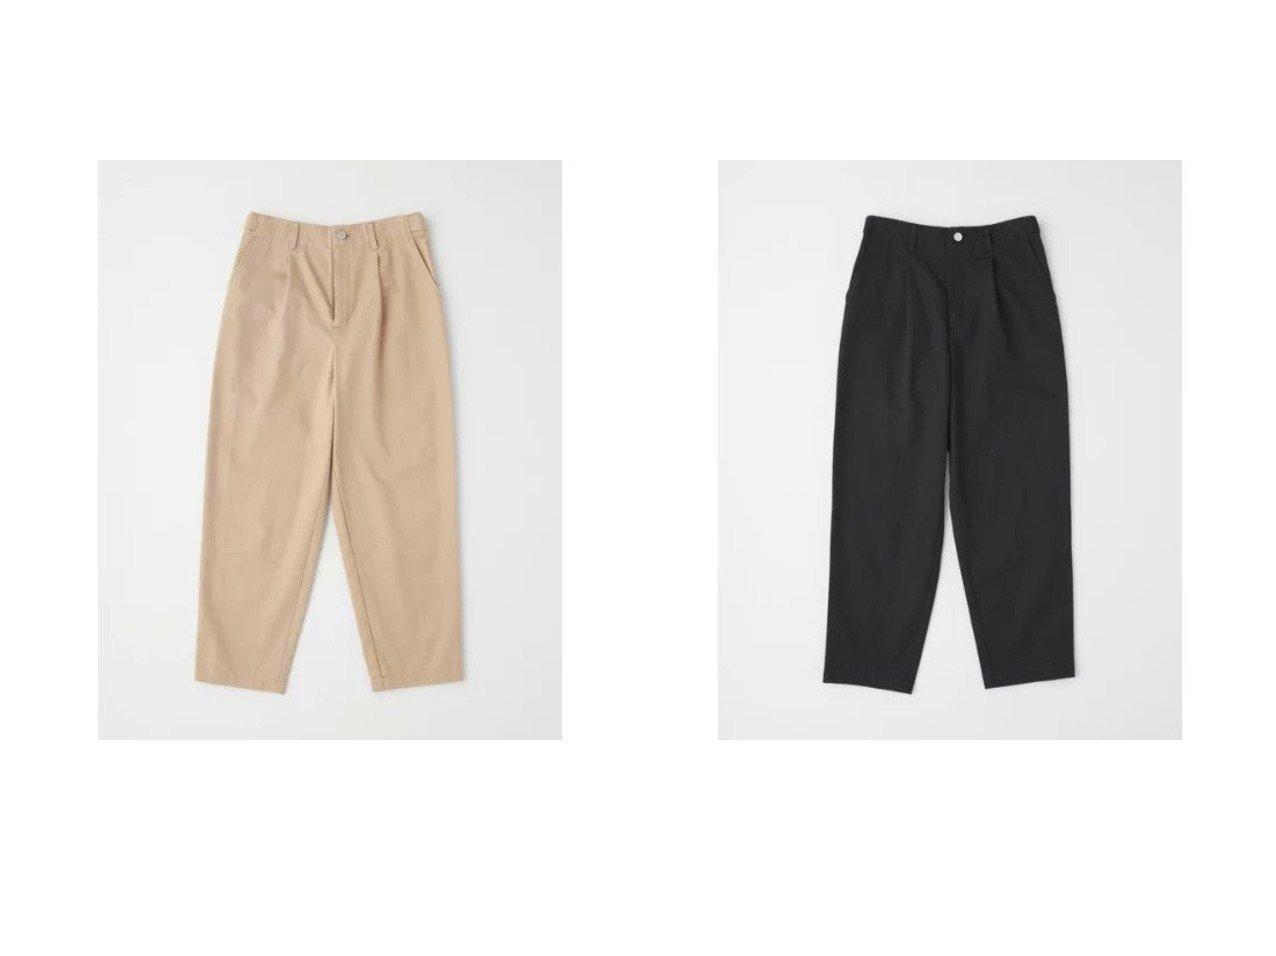 【TWW / Traditional Weatherwear/トラディショナル ウェザーウェア】の【UNION WEAR】SIDE ADJUST TAPERED PANTS 【パンツ】おすすめ!人気、トレンド・レディースファッションの通販 おすすめで人気の流行・トレンド、ファッションの通販商品 インテリア・家具・メンズファッション・キッズファッション・レディースファッション・服の通販 founy(ファニー) https://founy.com/ ファッション Fashion レディースファッション WOMEN パンツ Pants デニム パターン ボーダー ワーク |ID:crp329100000068559